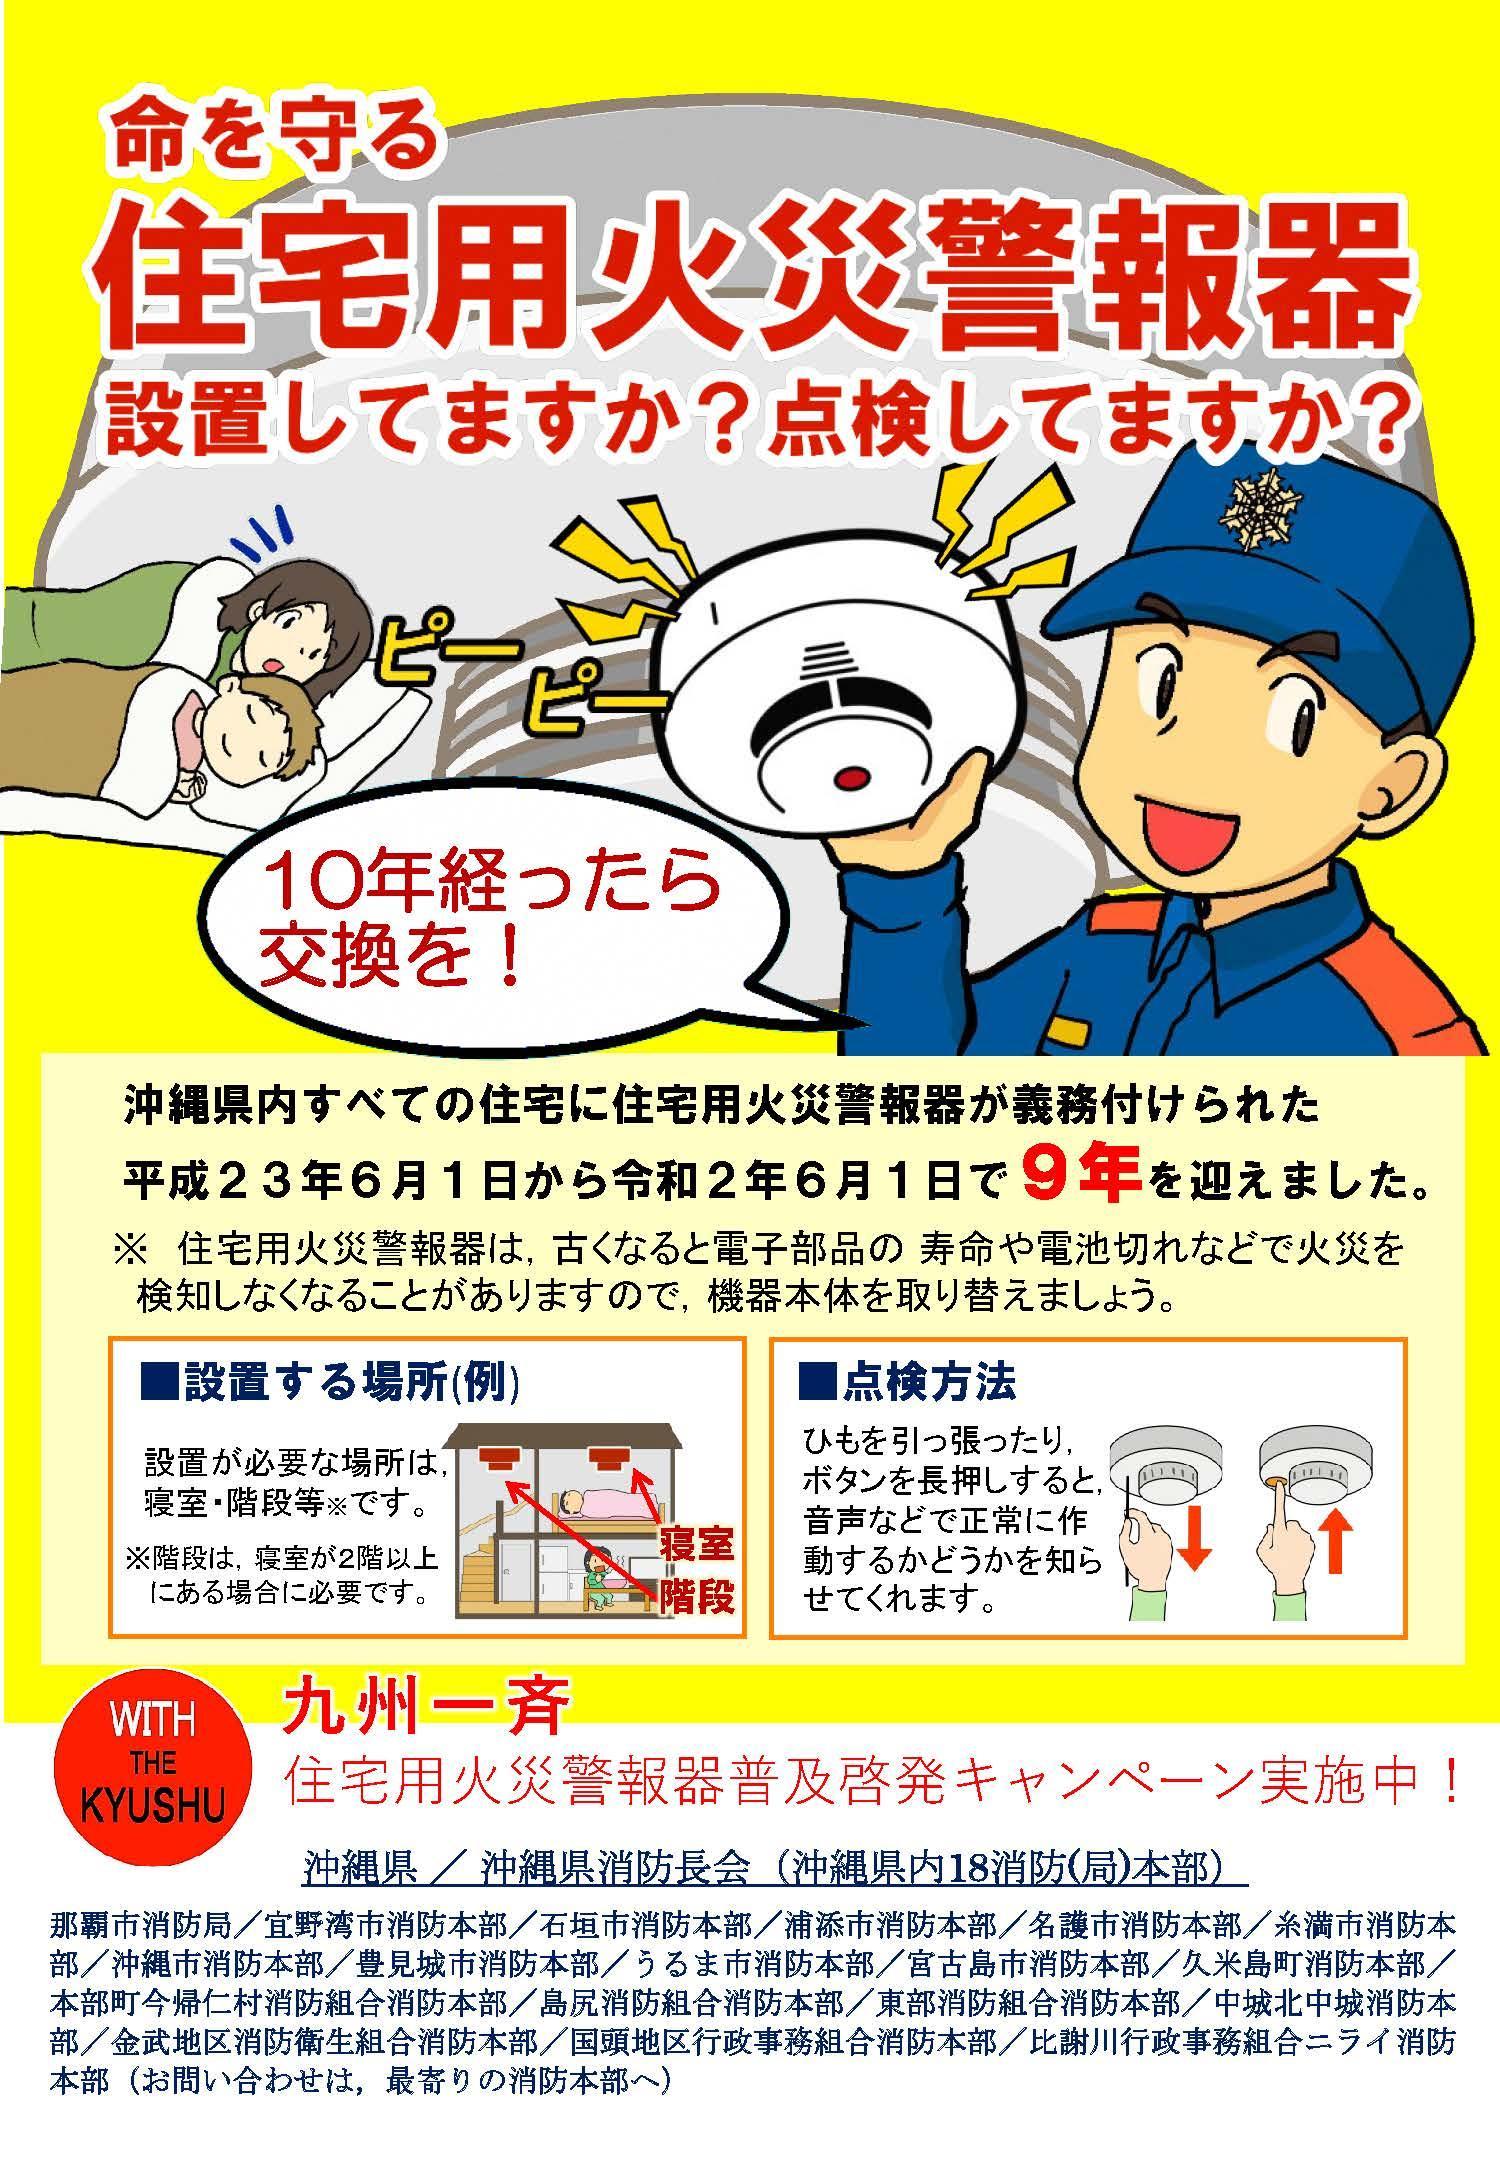 05【別紙2】(沖縄Ver.)統一リーフレット.jpg